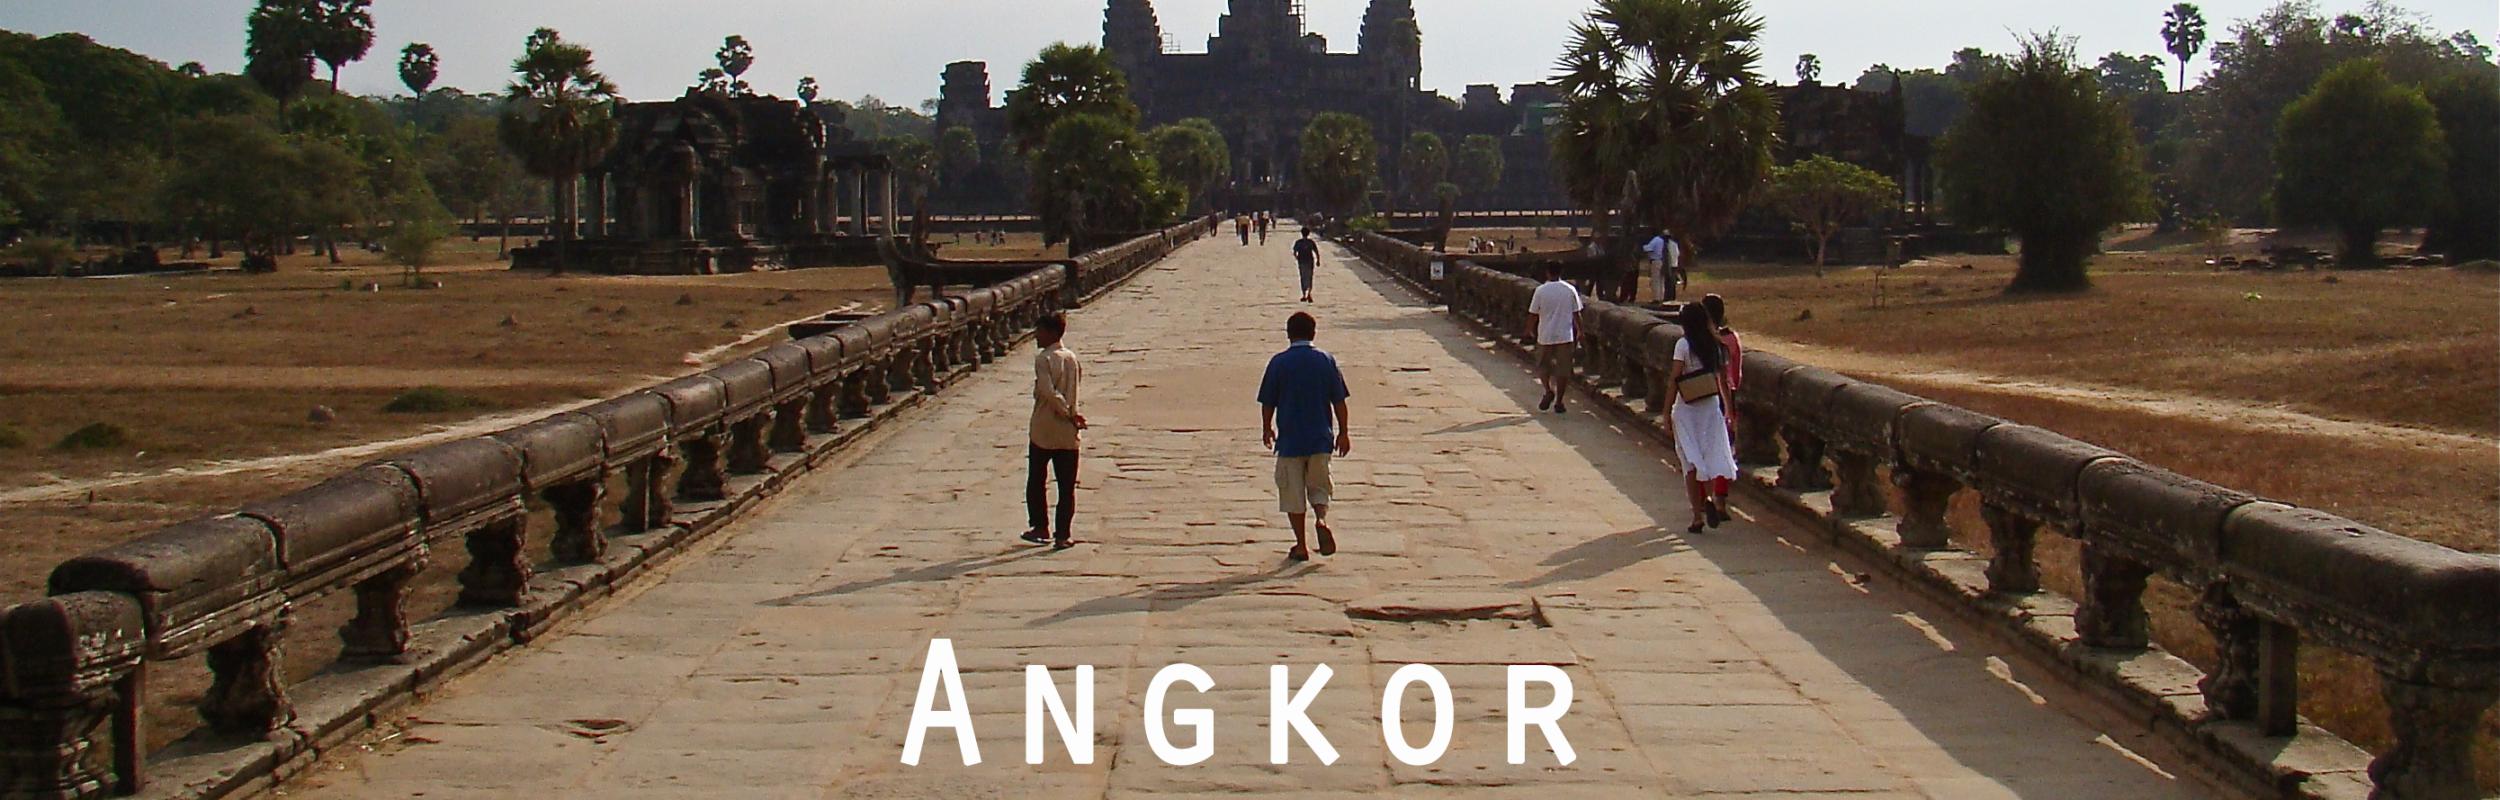 Premiers pas à Angkor, Cambodge – Janvier 2009